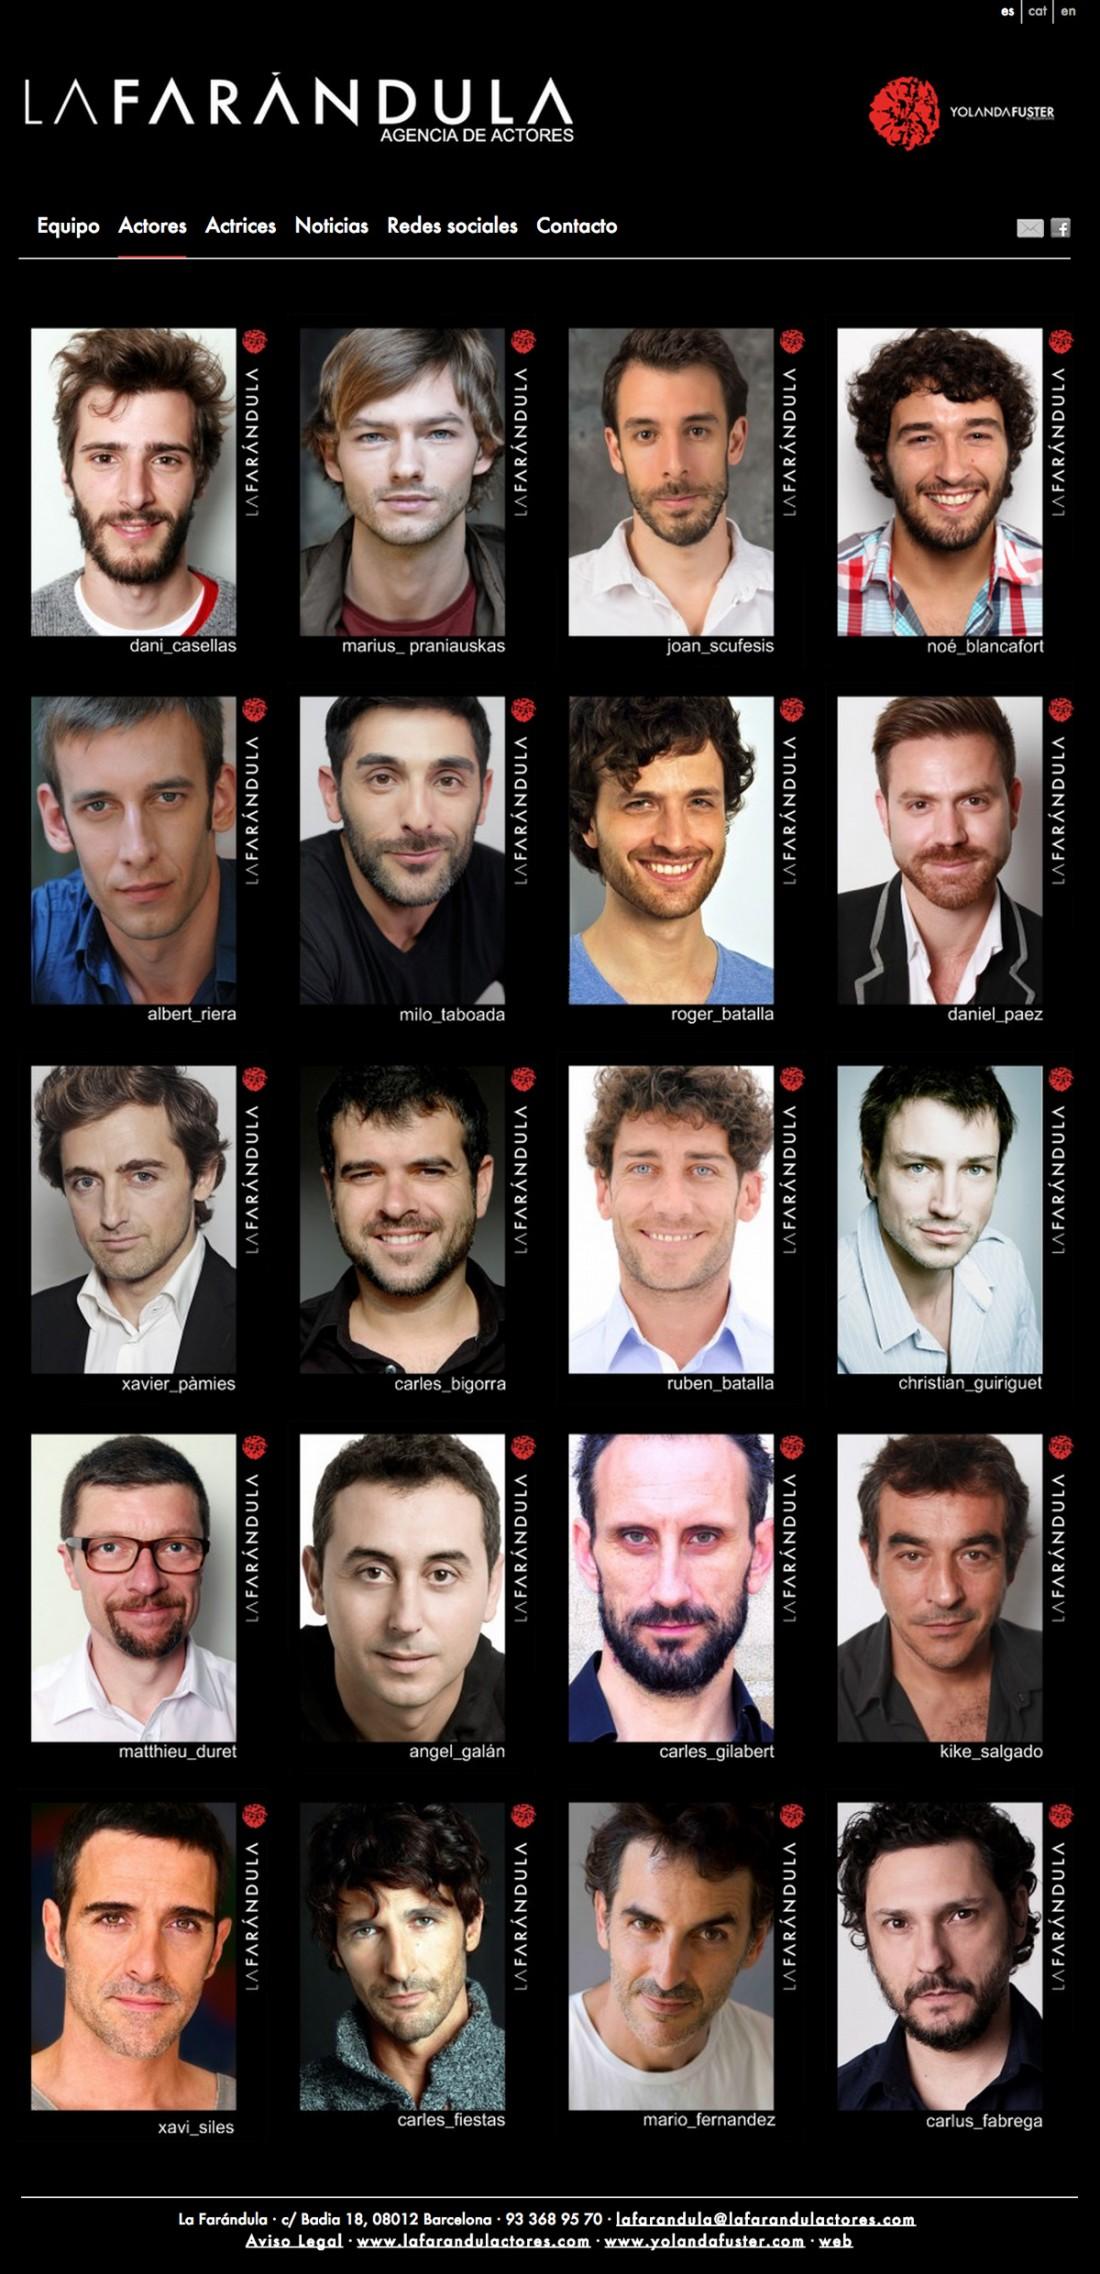 La Farándula Actores - Agencia de Actores - Diseño Web